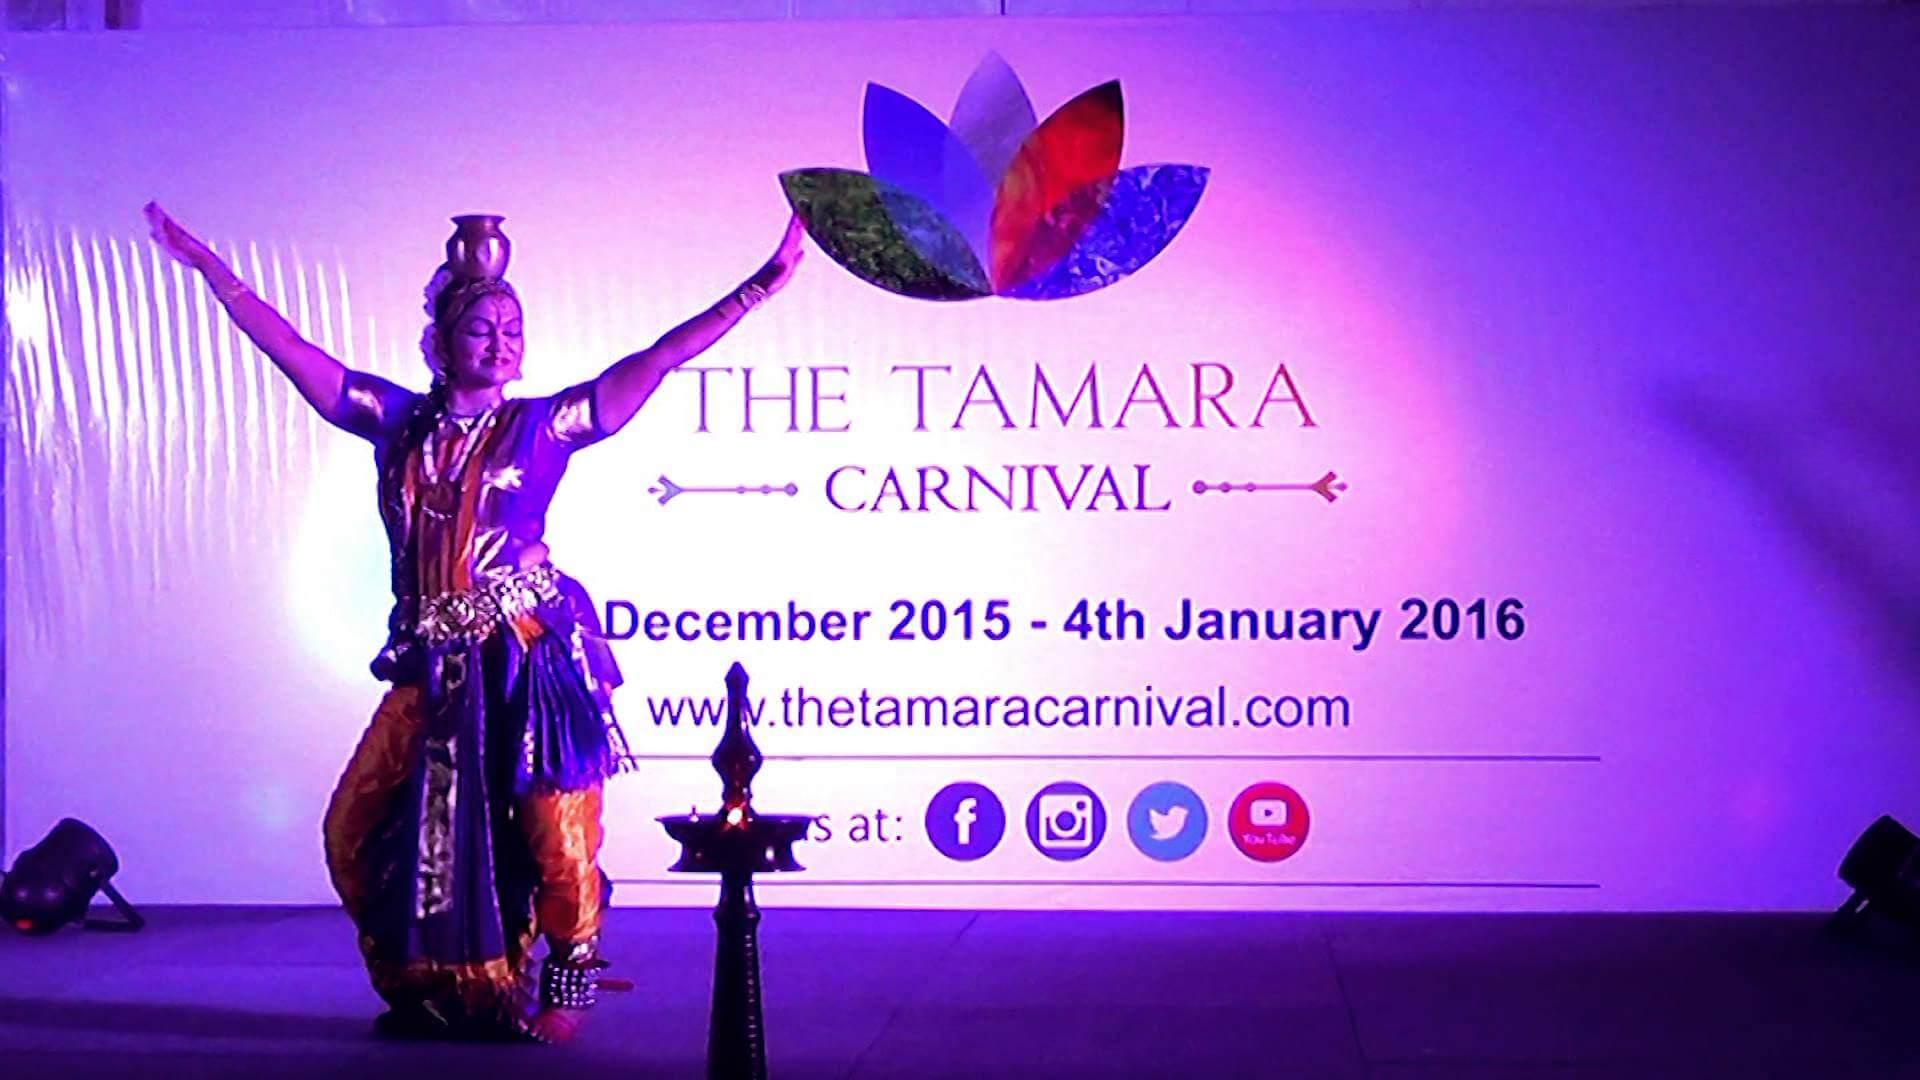 Tamara carnival in Coorg